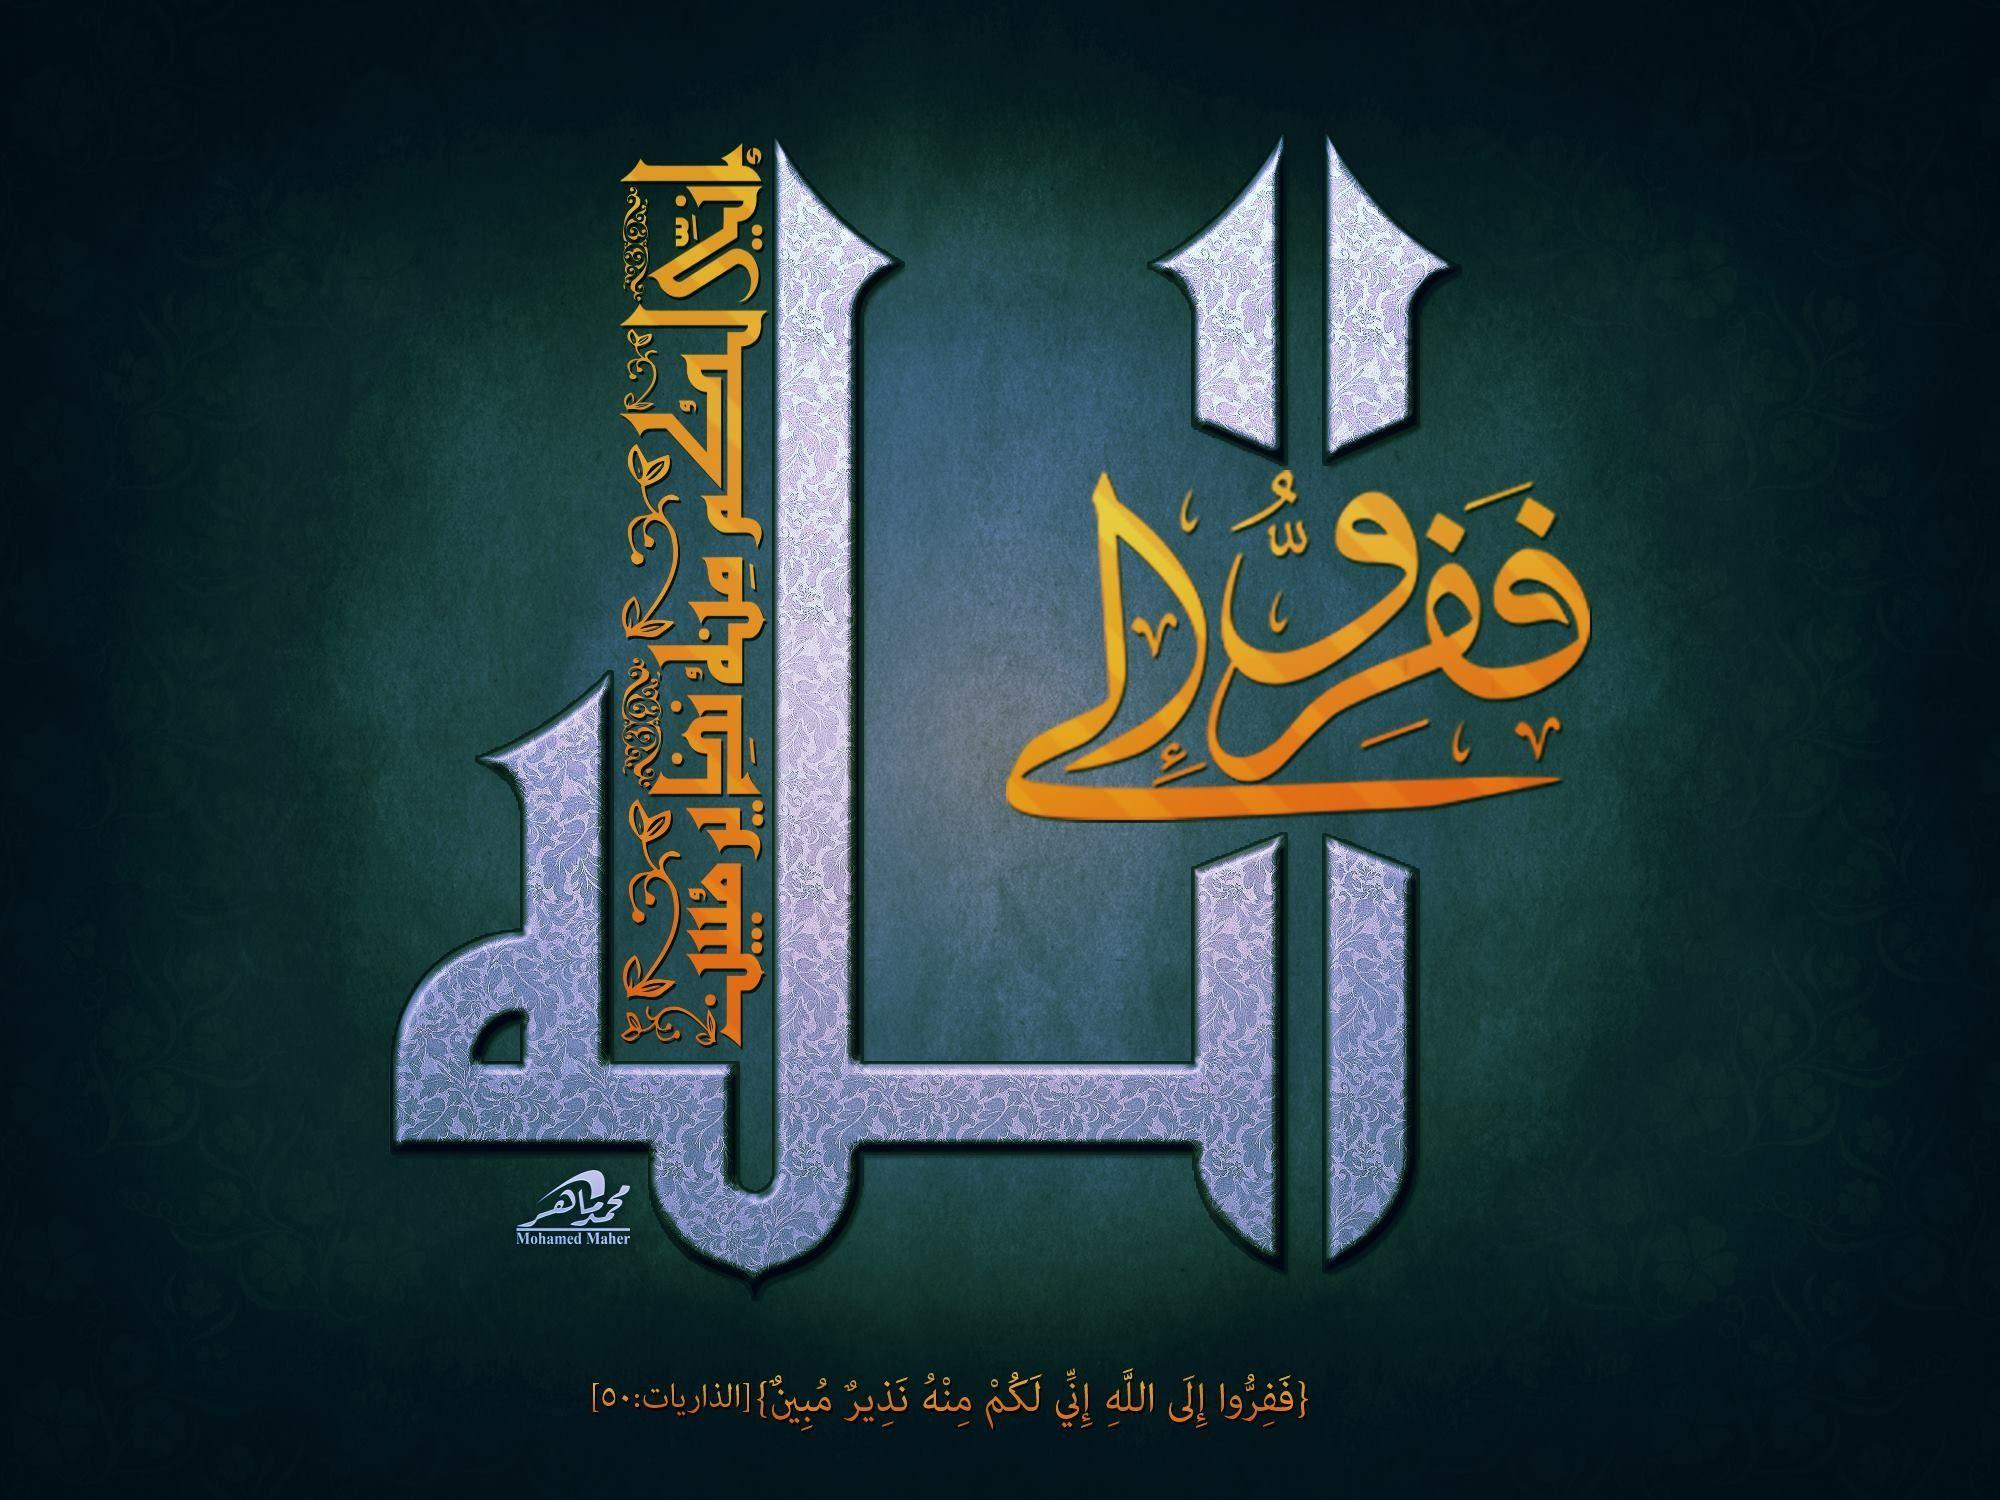 ٥٠ الذاريات With Images Islamic Art Calligraphy Islamic